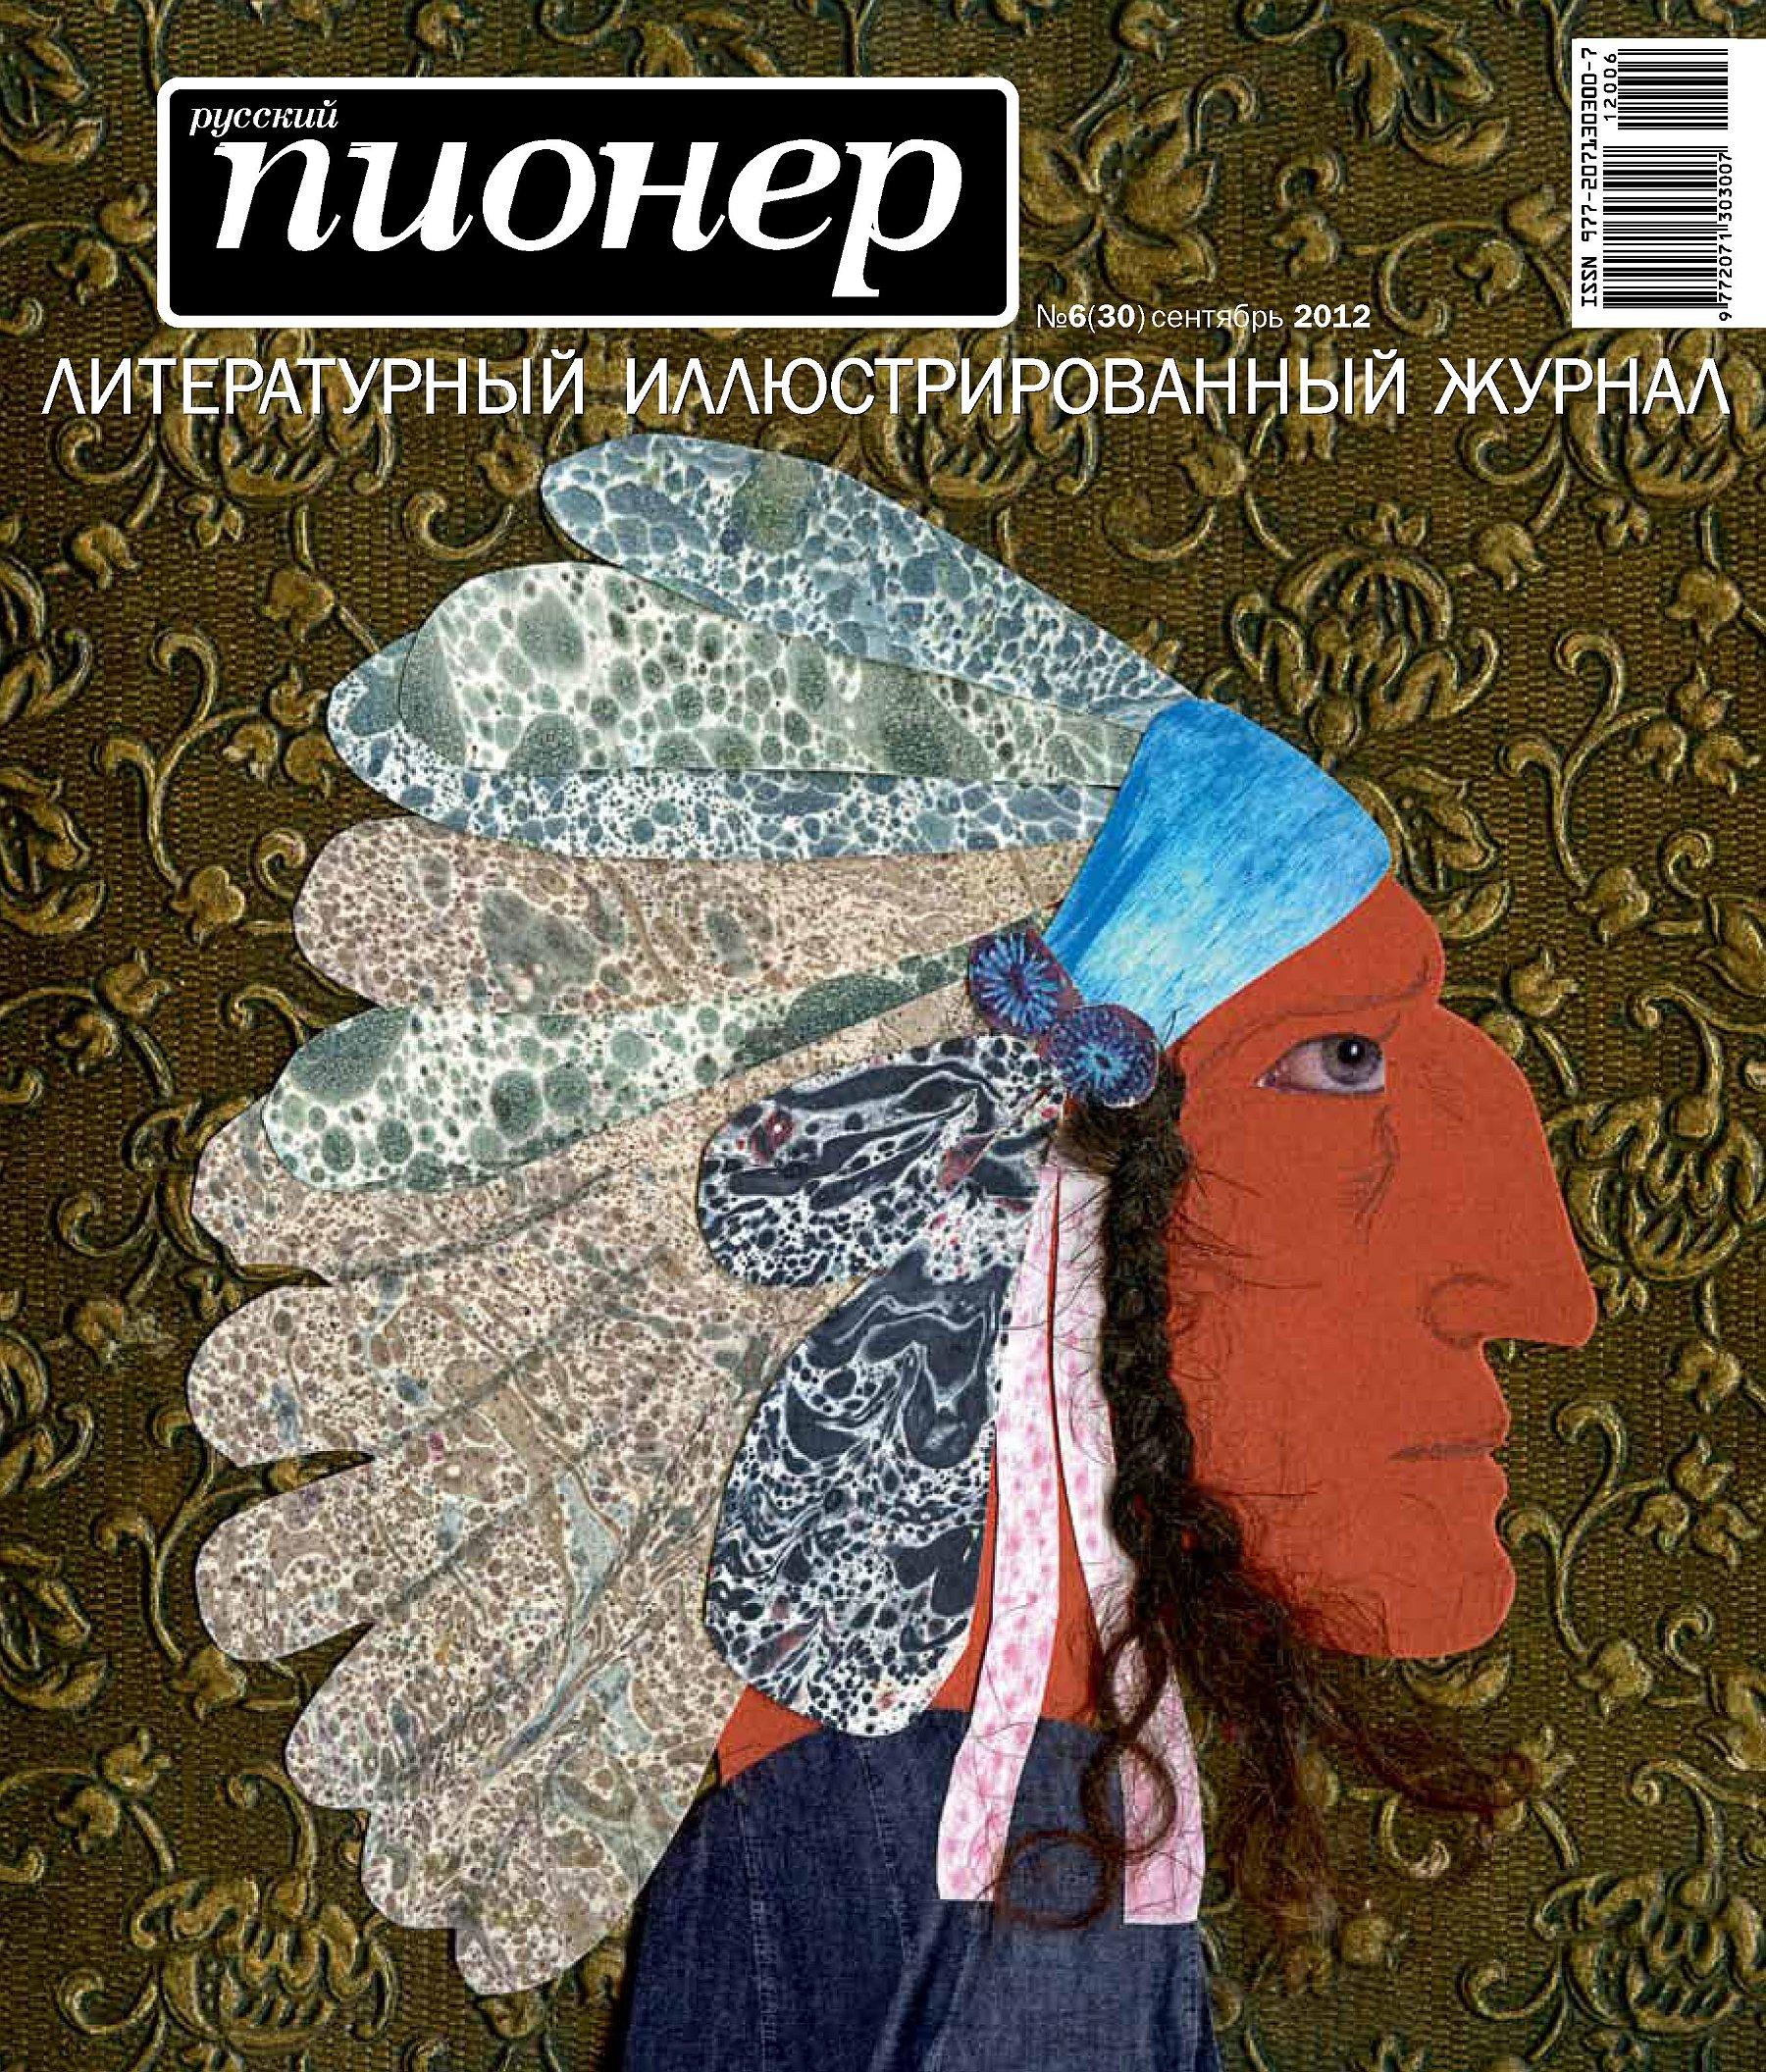 Отсутствует Русский пионер №6 (30), сентябрь 2012